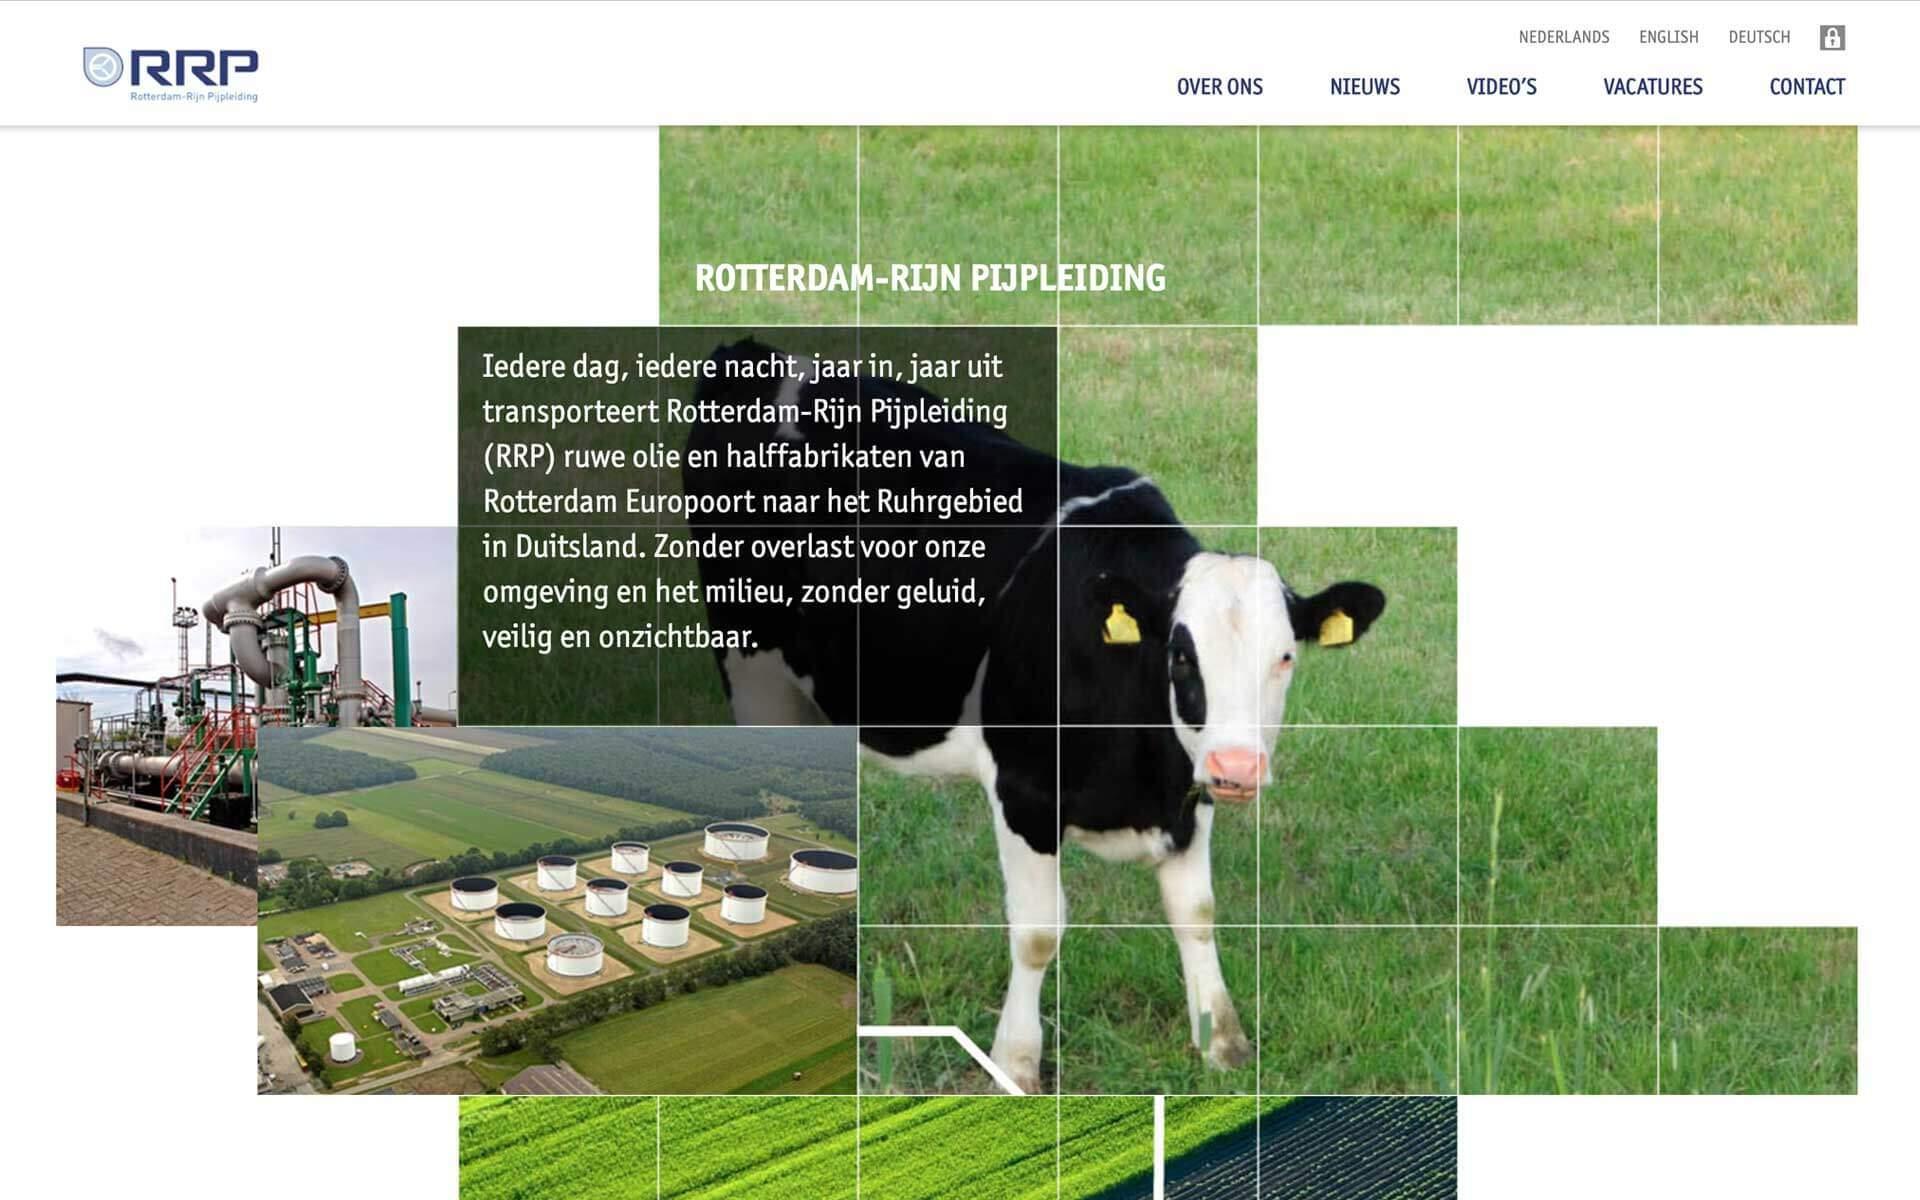 rrpweb.nl RRP desktop preview